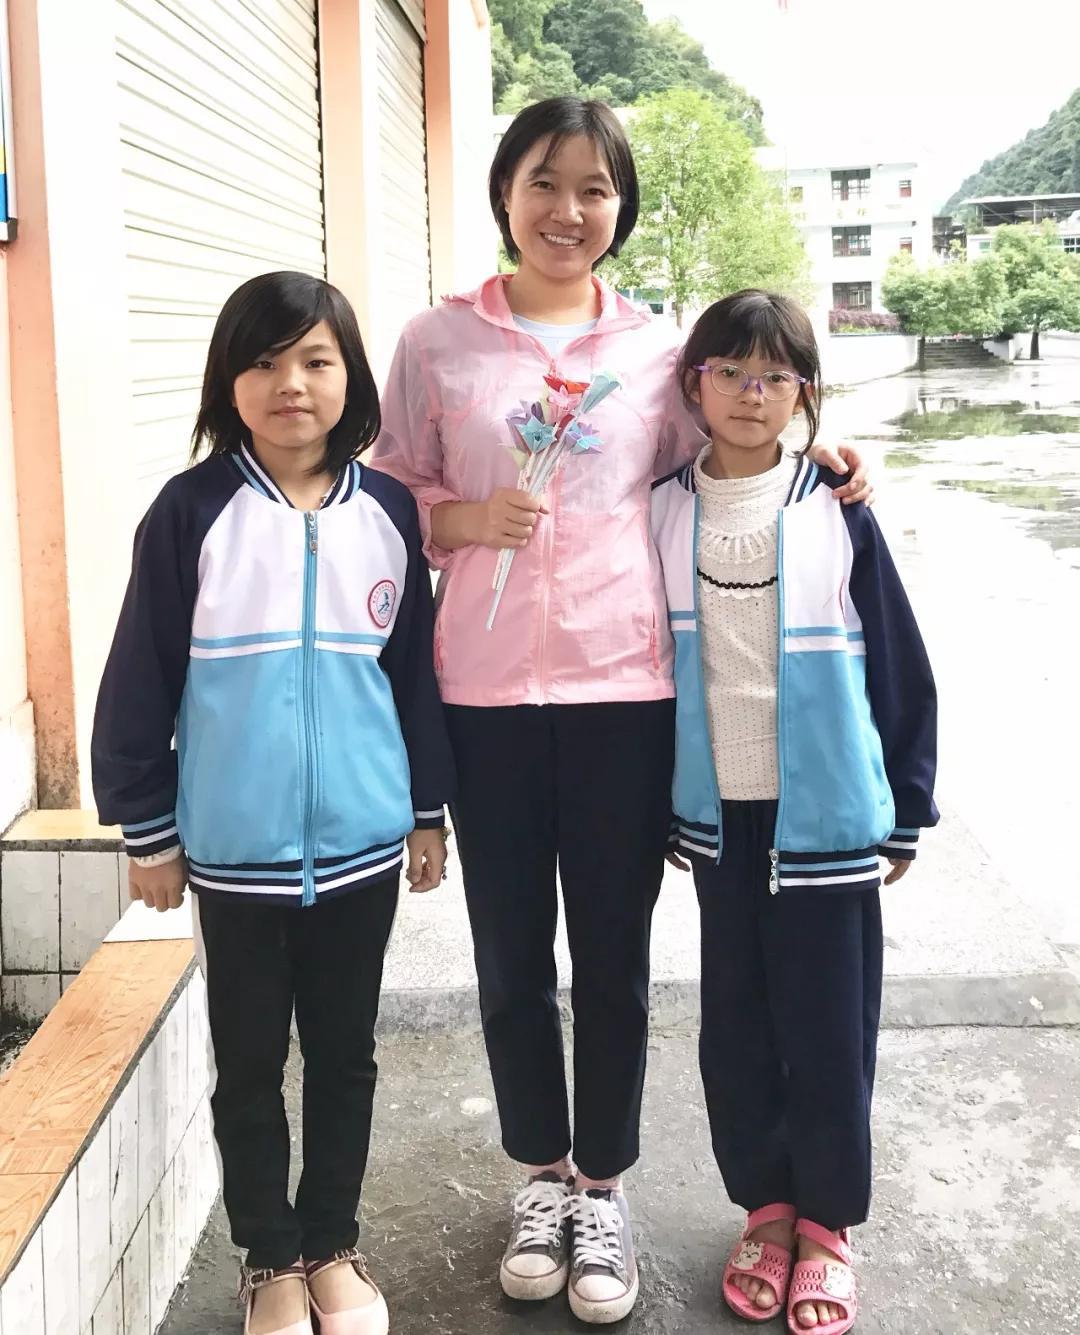 莉珍与学生合影